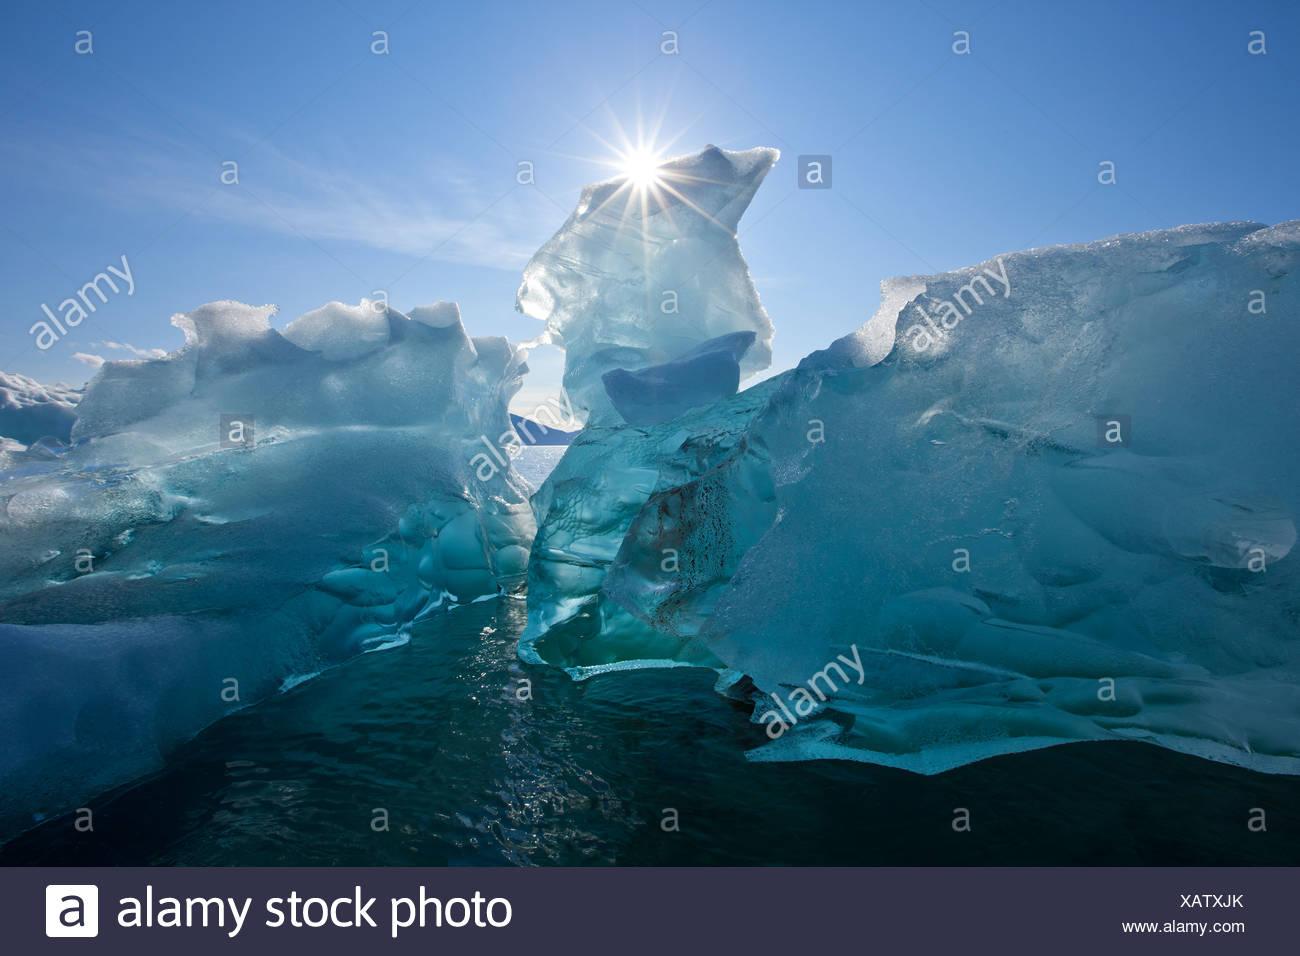 Un iceberg flottant sur les eaux calmes de Holkham Bay à l'entrée de Tracy Arm, le sud-est de l'Alaska, l'automne Photo Stock